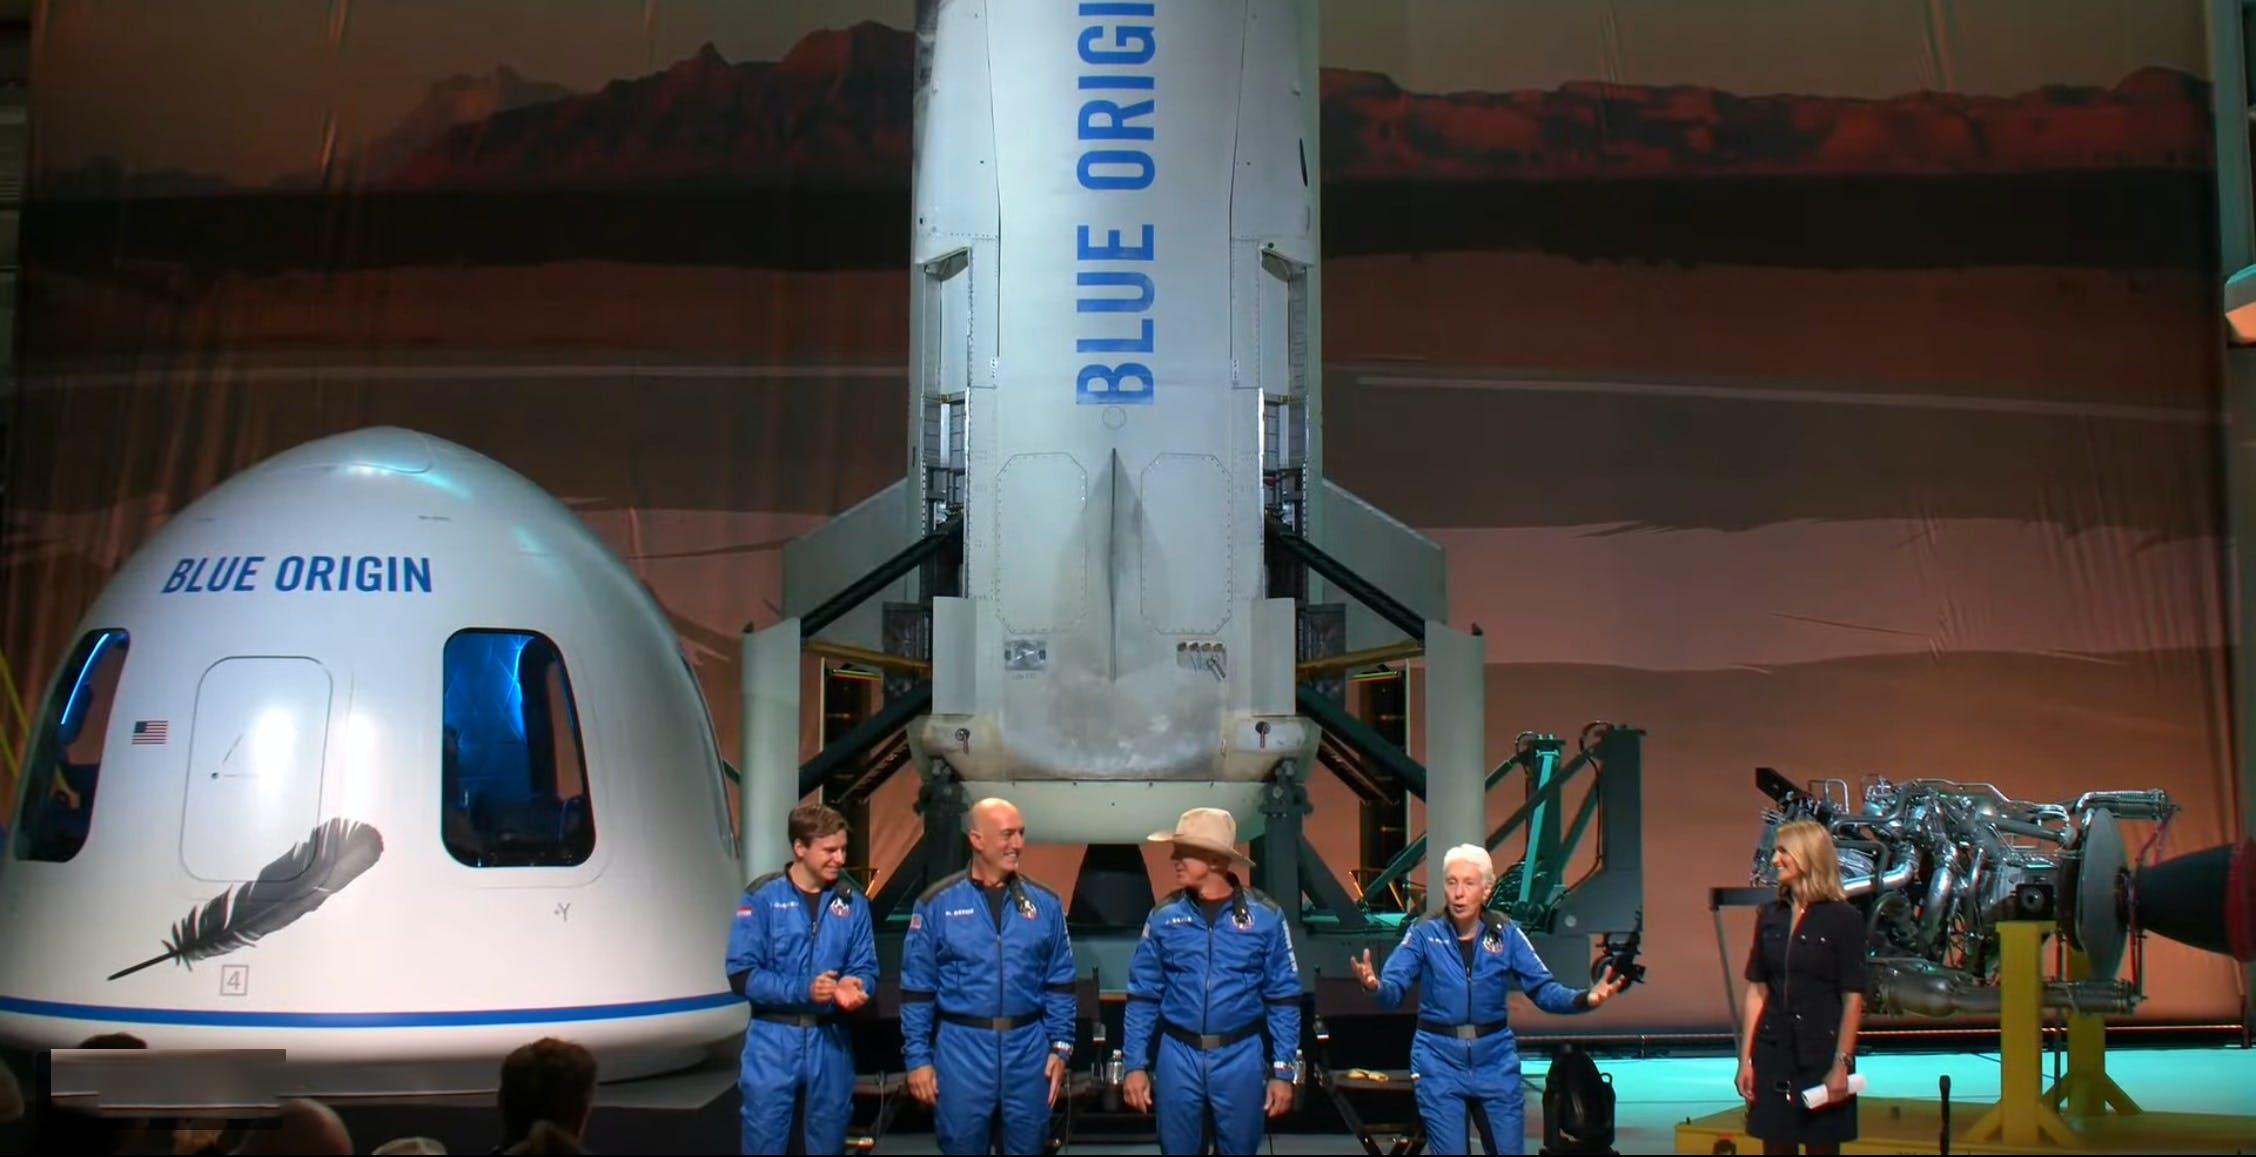 Jeff Bezos è andato nello spazio. Ed è tornato dopo 10 minuti. Via ai viaggi turistici spaziali